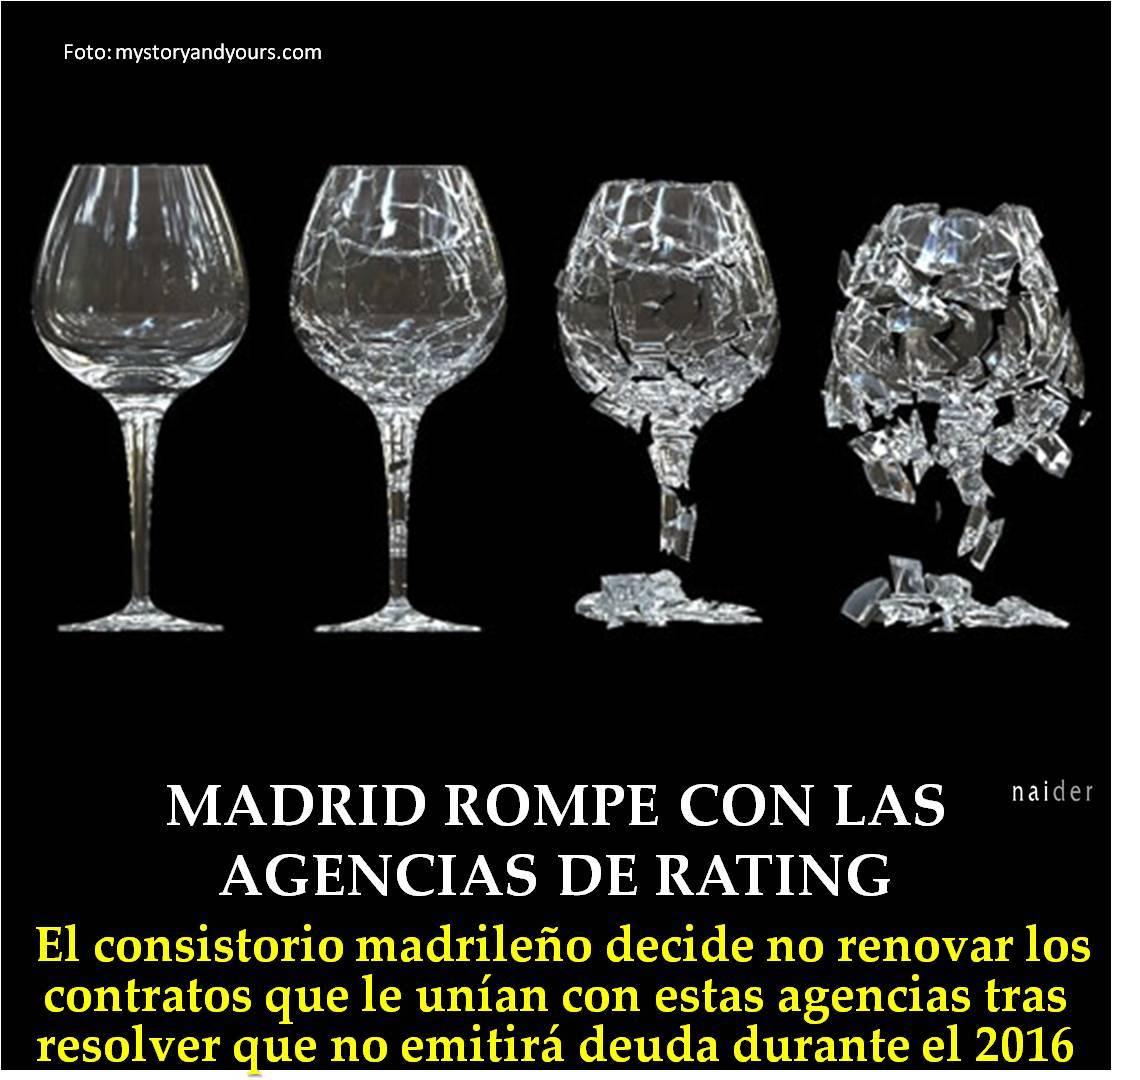 Madrid rompe con las agencias de rating